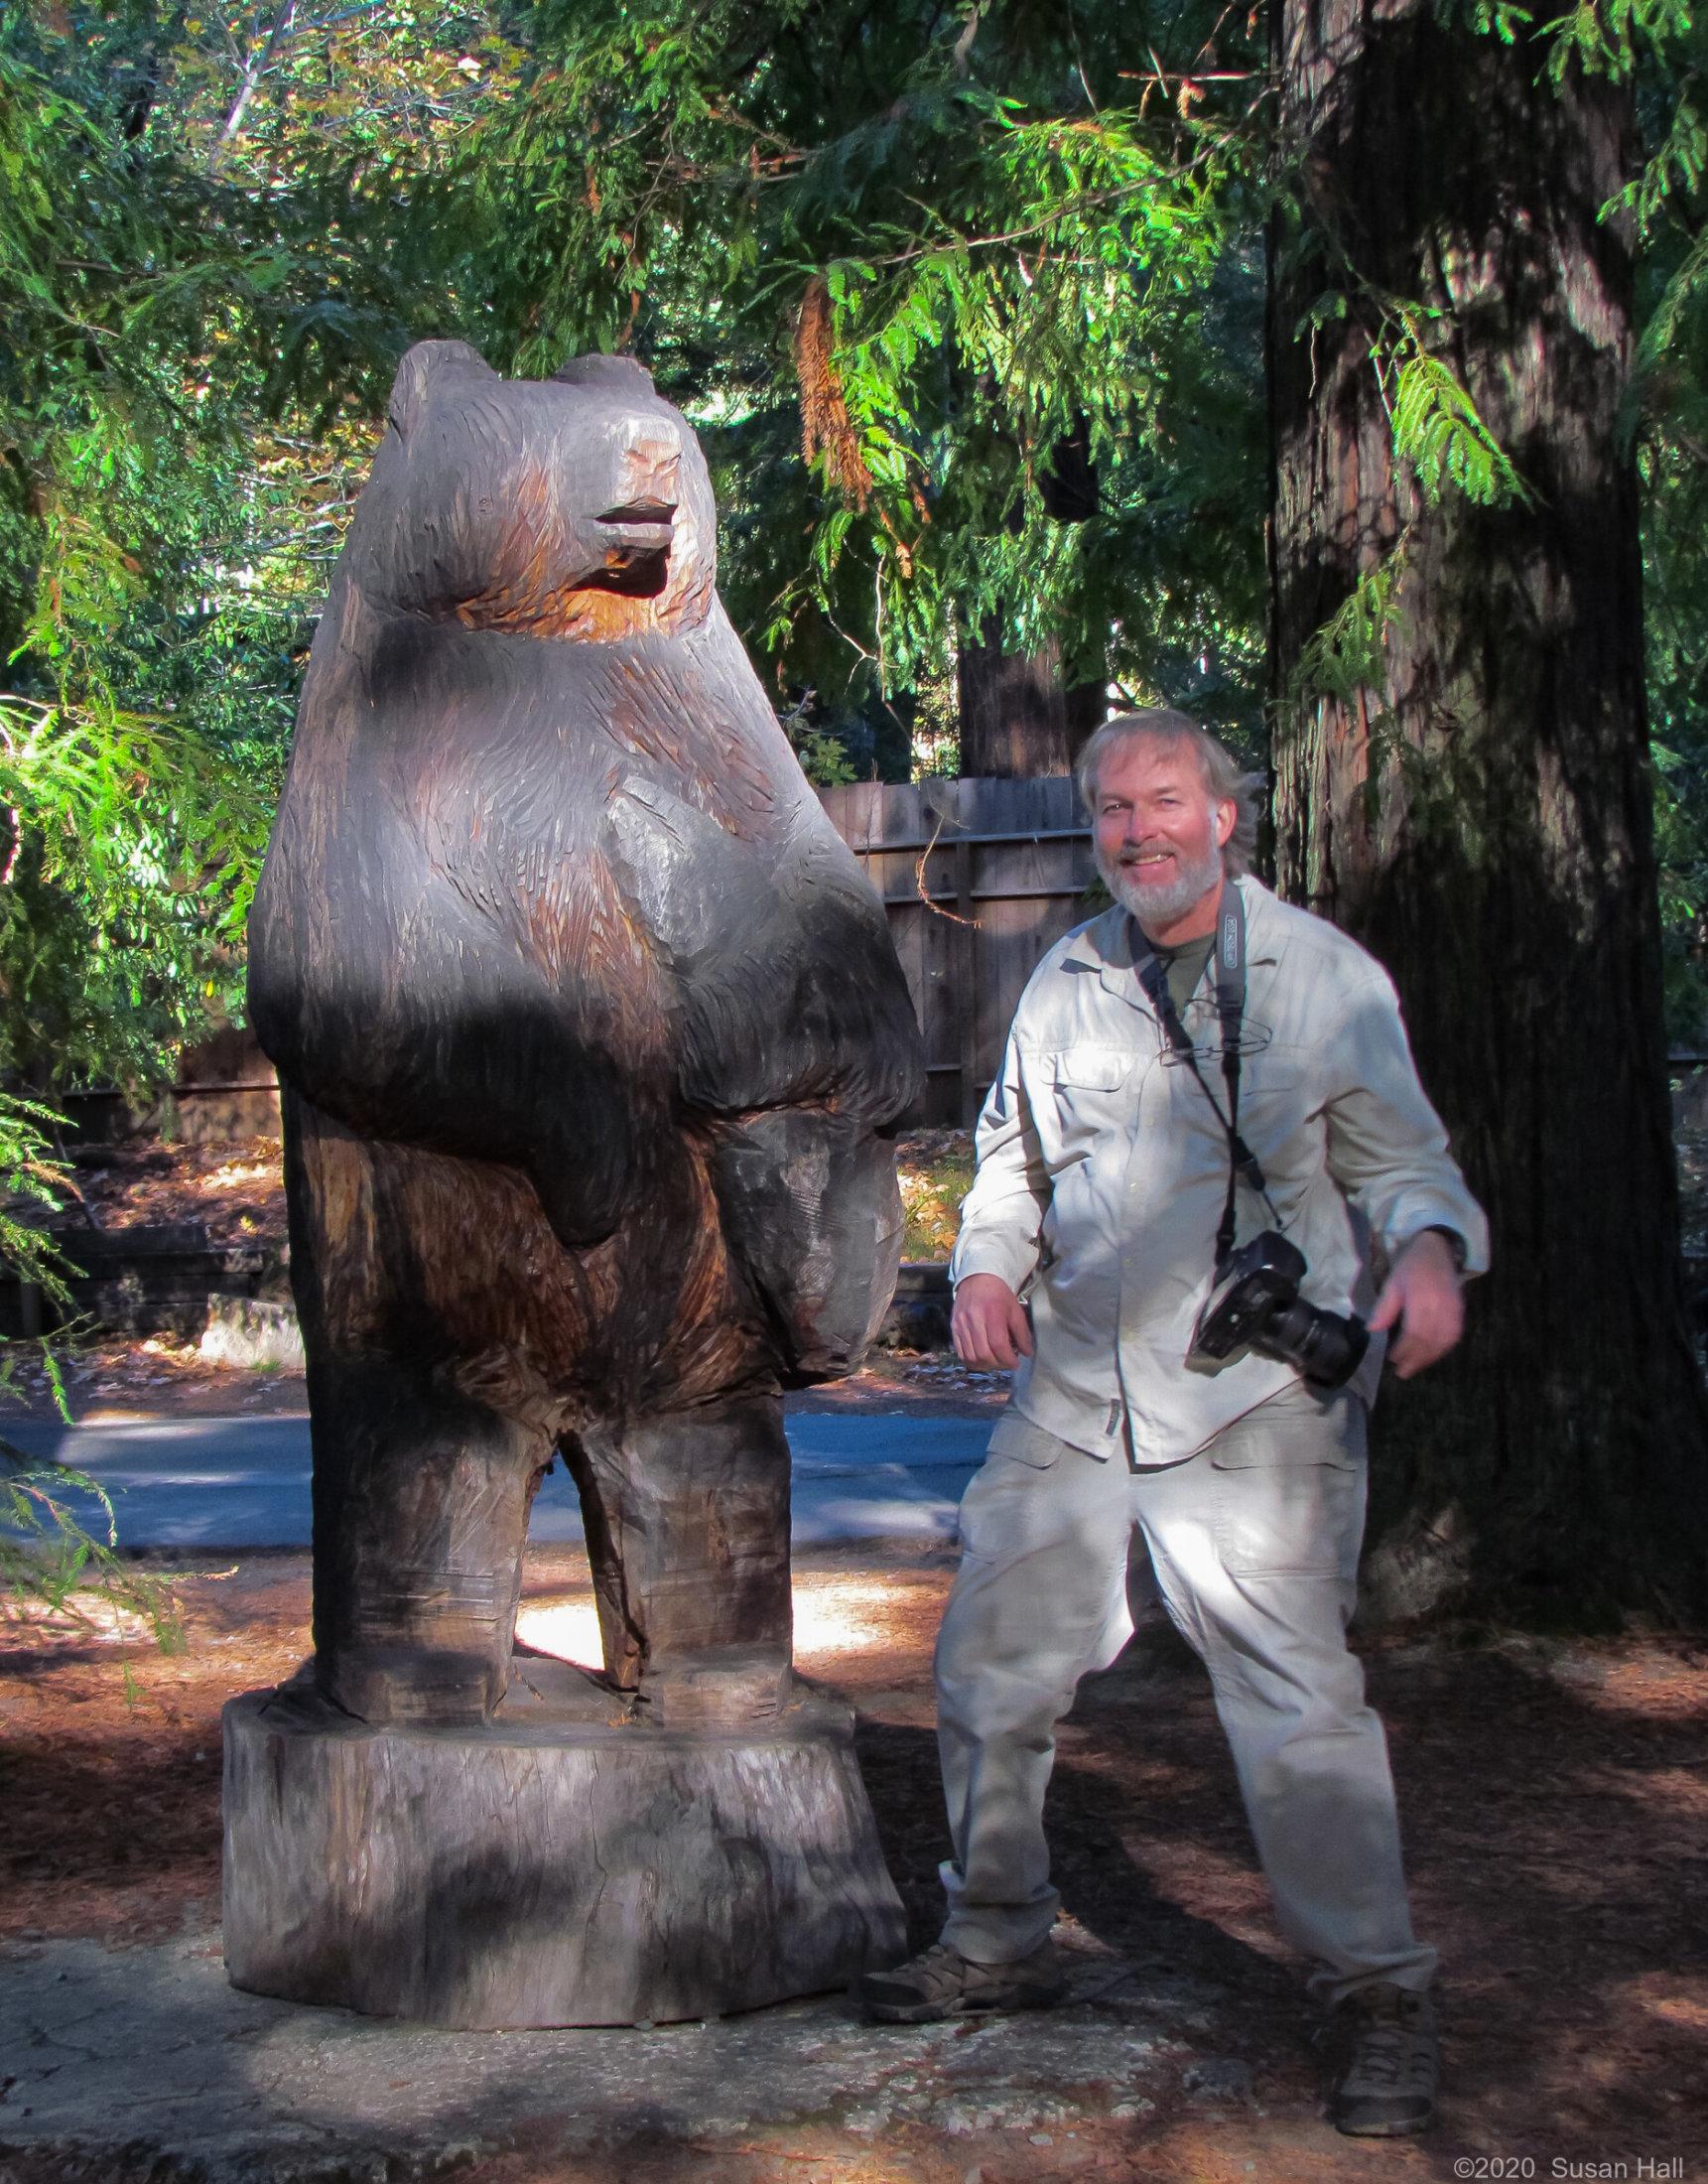 Be a bear